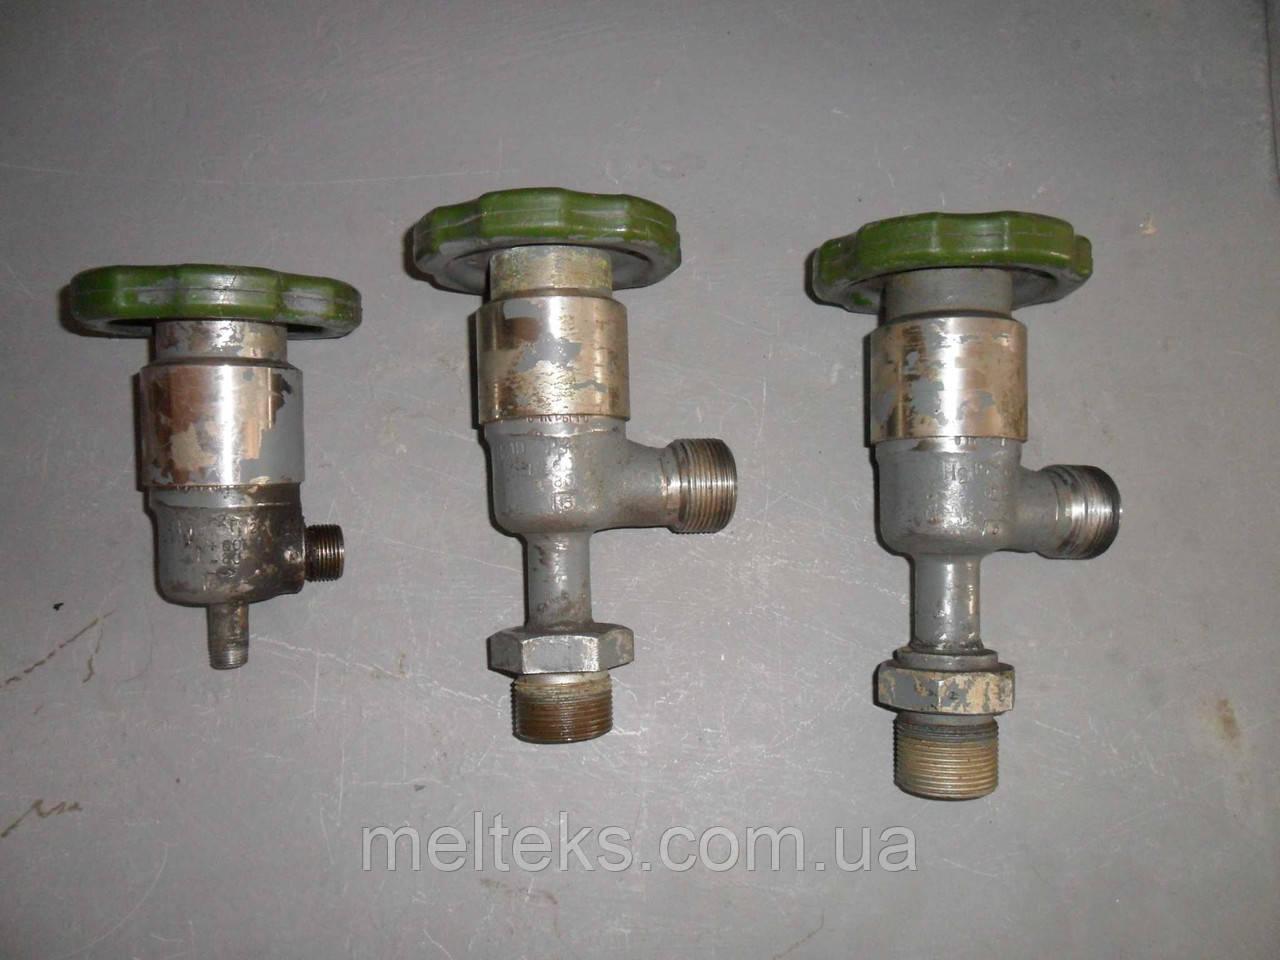 Вентиль клапан У29162-006, У29162-015